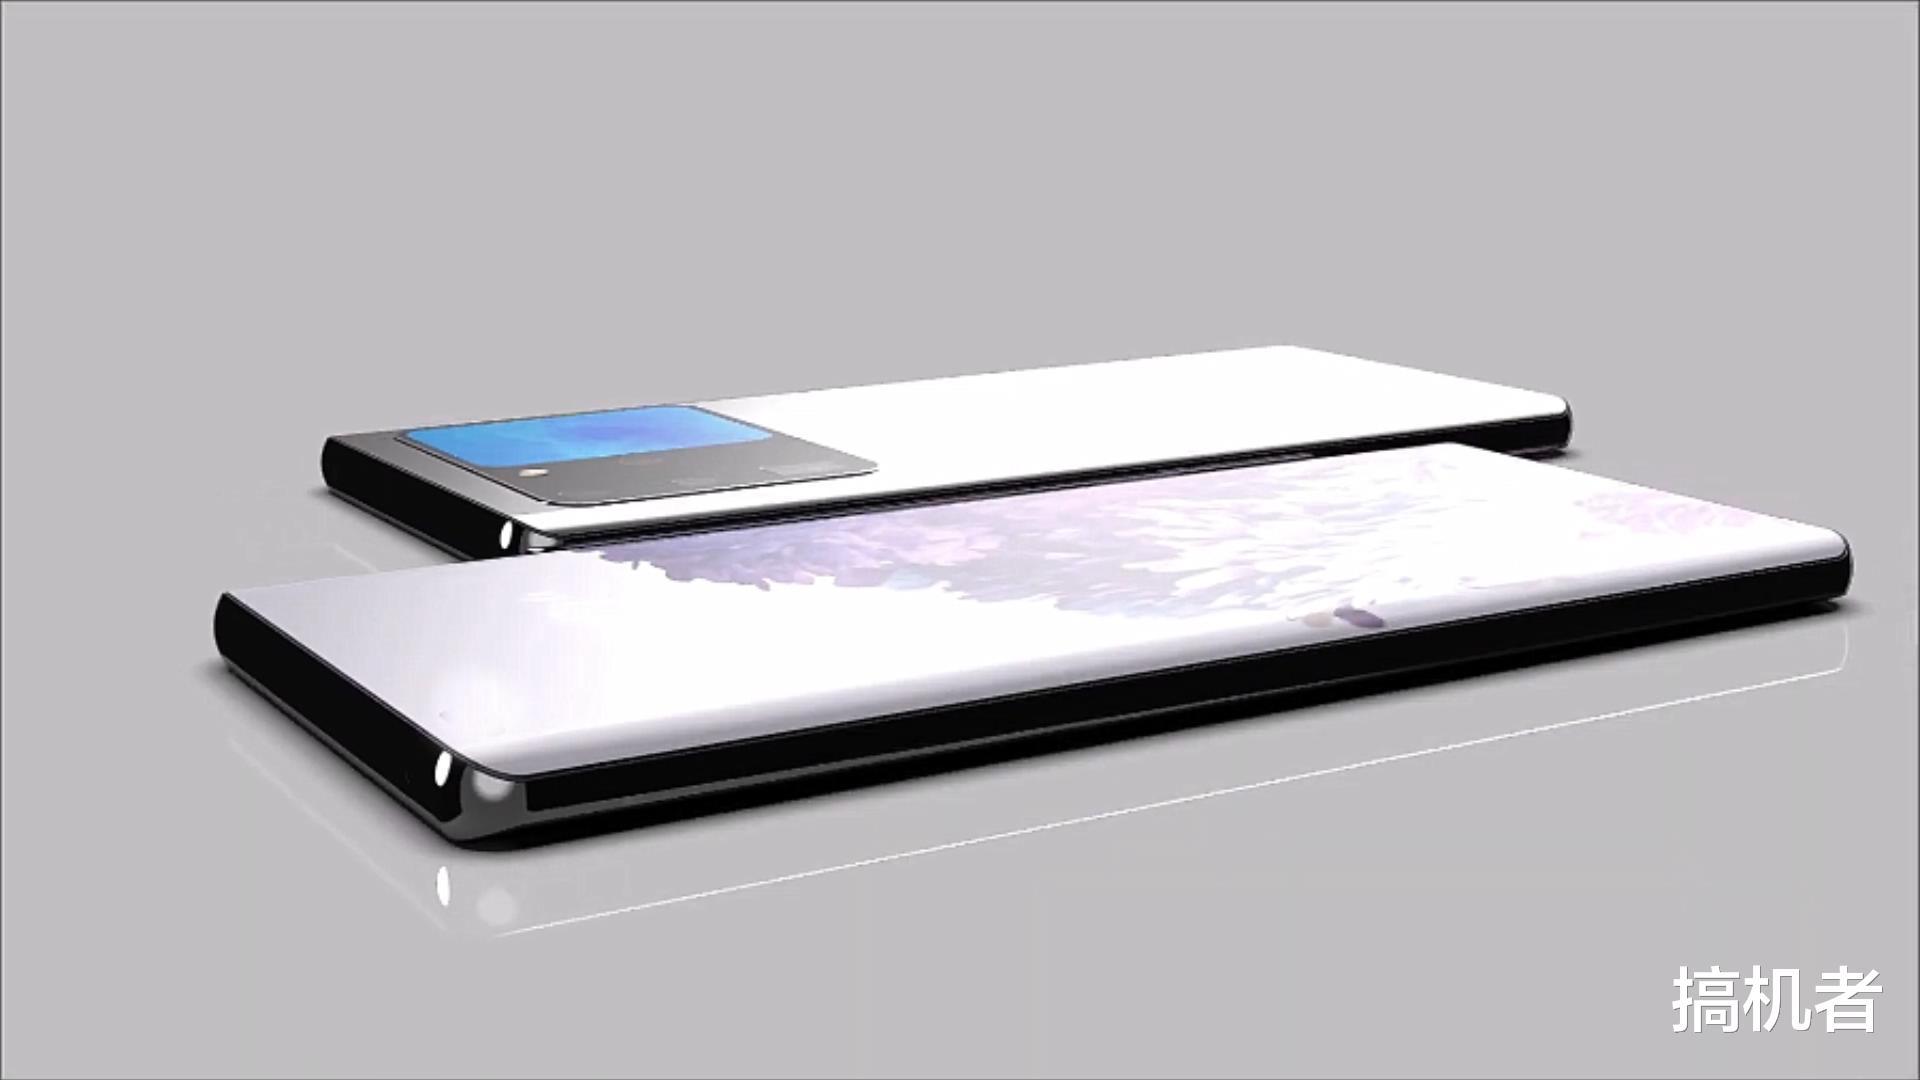 华为Mate50Pro设计理念超前,采用前后无打孔双屏幕的设 好物评测 第3张